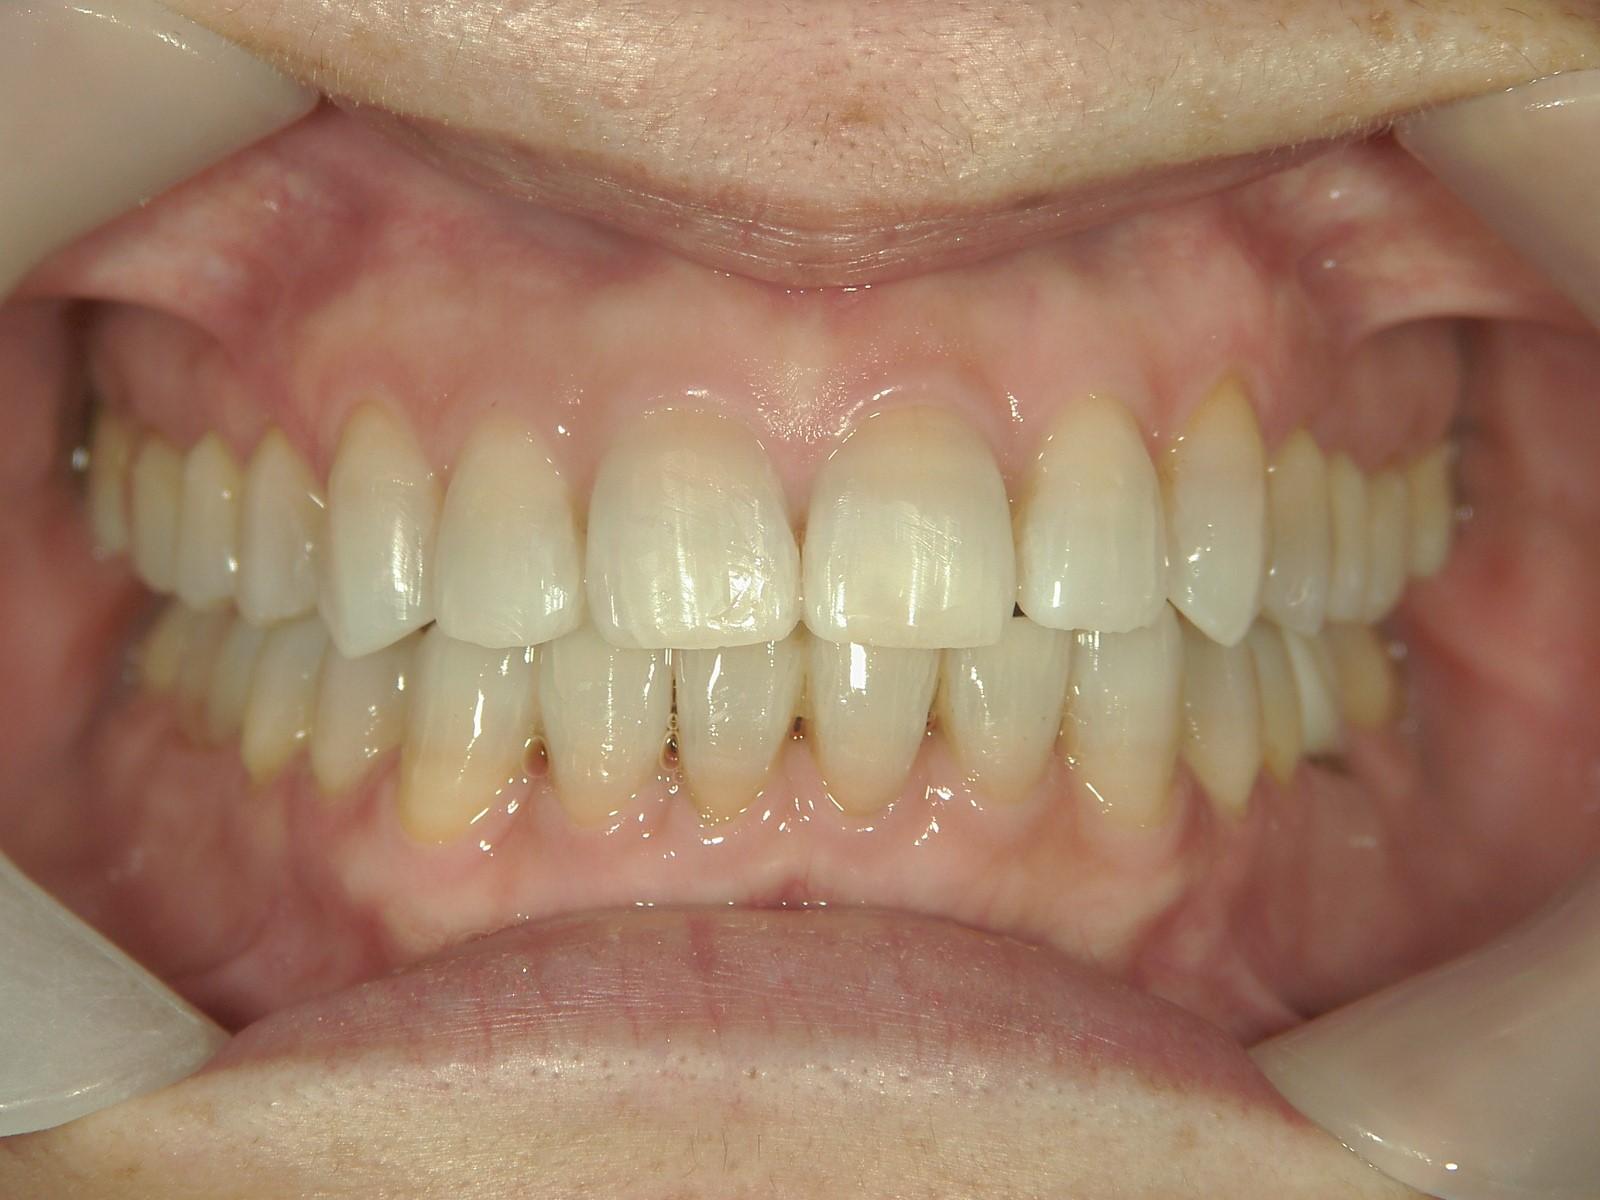 全顎ワイヤー矯正 症例(54)